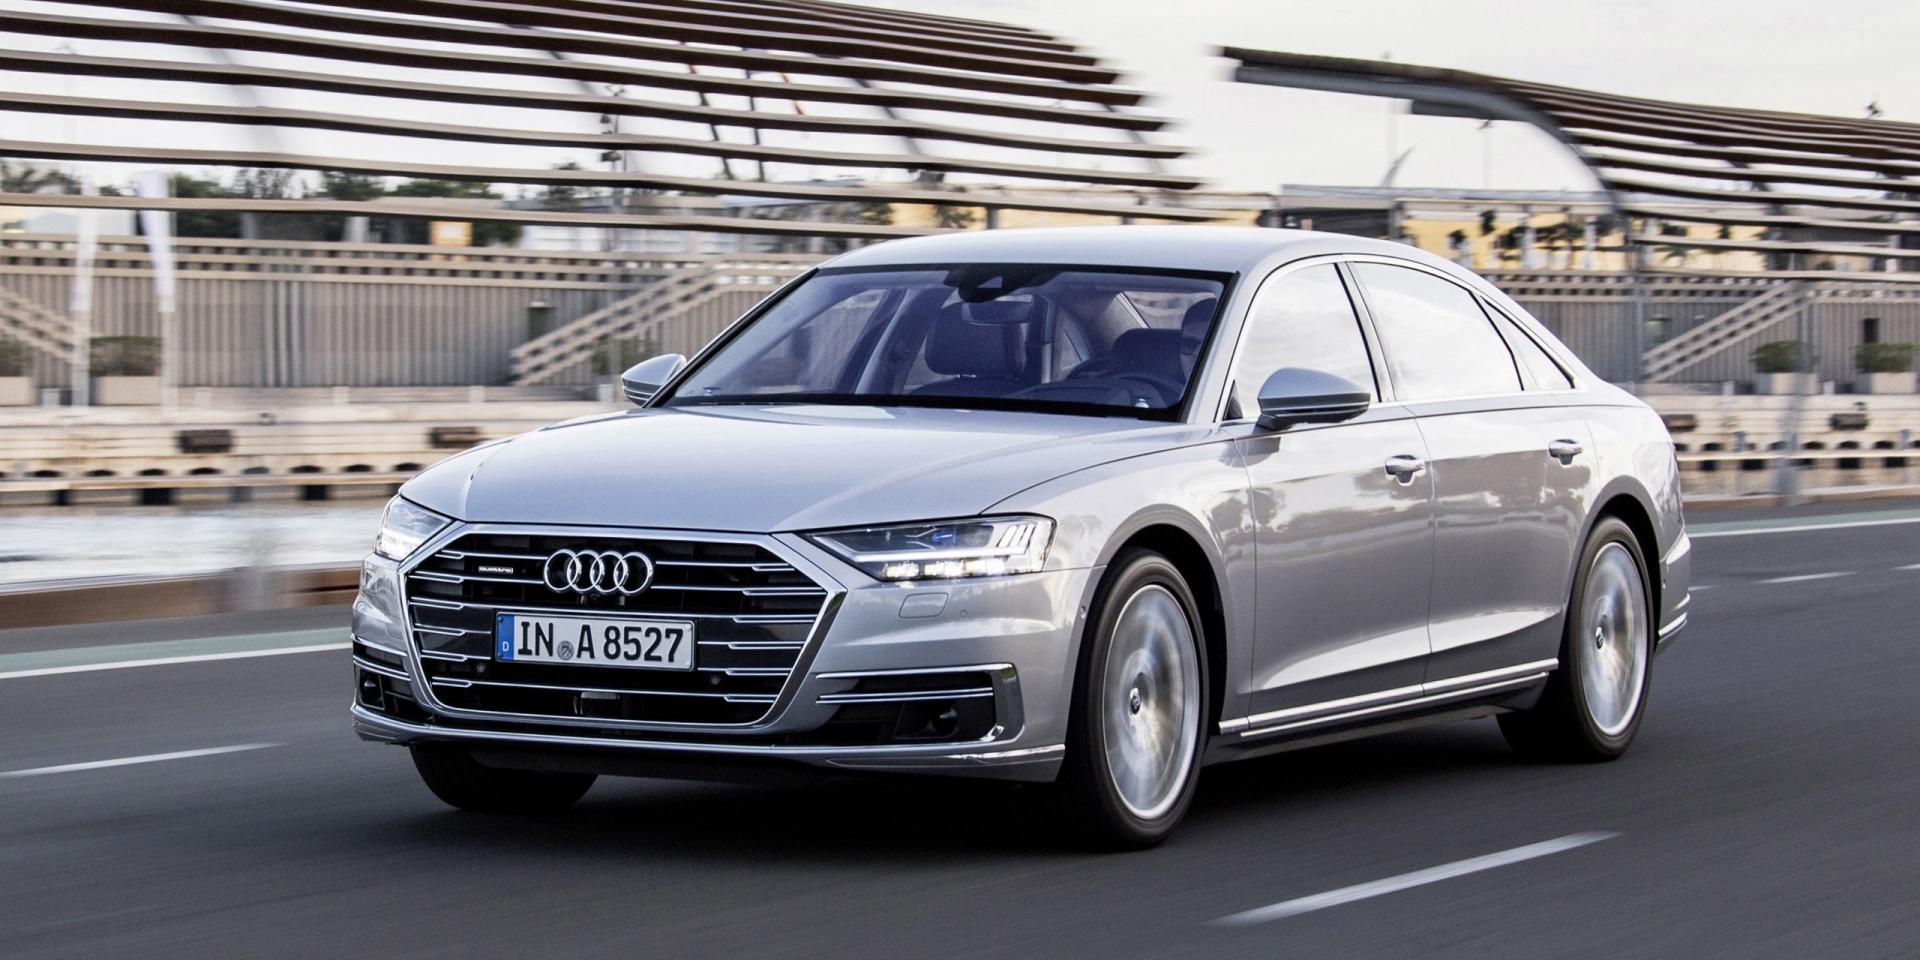 官方新聞稿。全新2021年式產品陣列微調  Audi A8 | A8 L車系安全豪華配備再升級